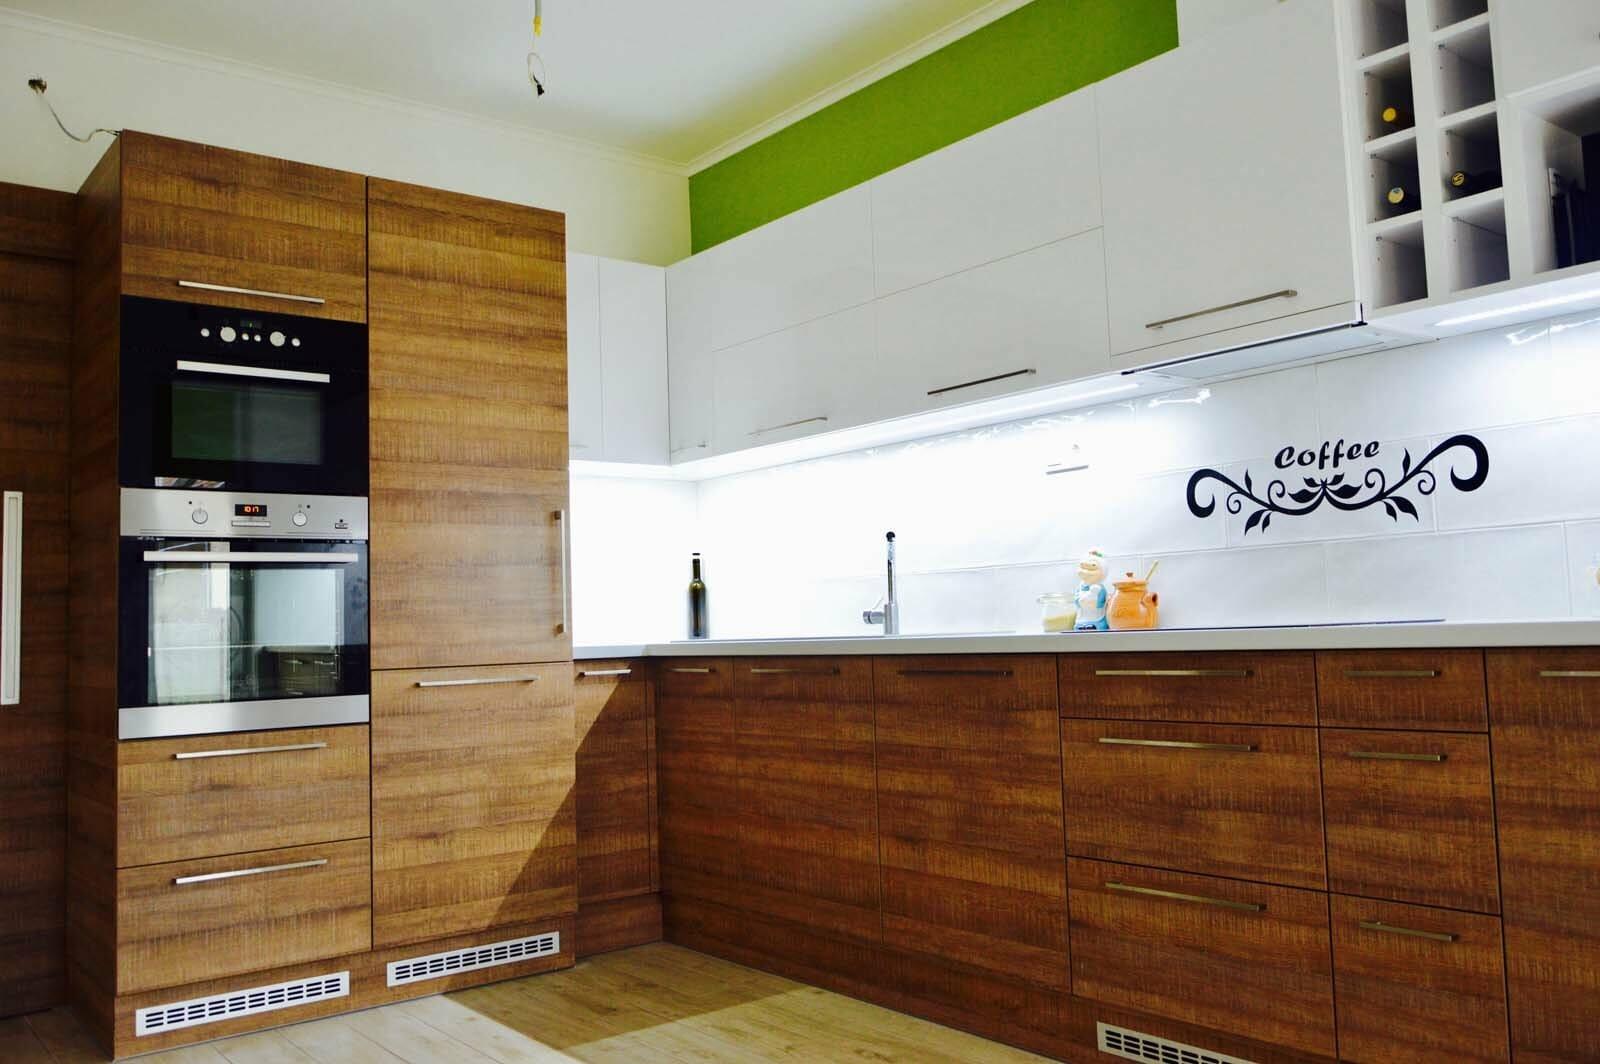 Egyedi konyhabútor készítés magasfényű akril felső elemekkel, fa alsó elemekkel, rejtett LED világítással, beépített sütő, mikró és hűtővel